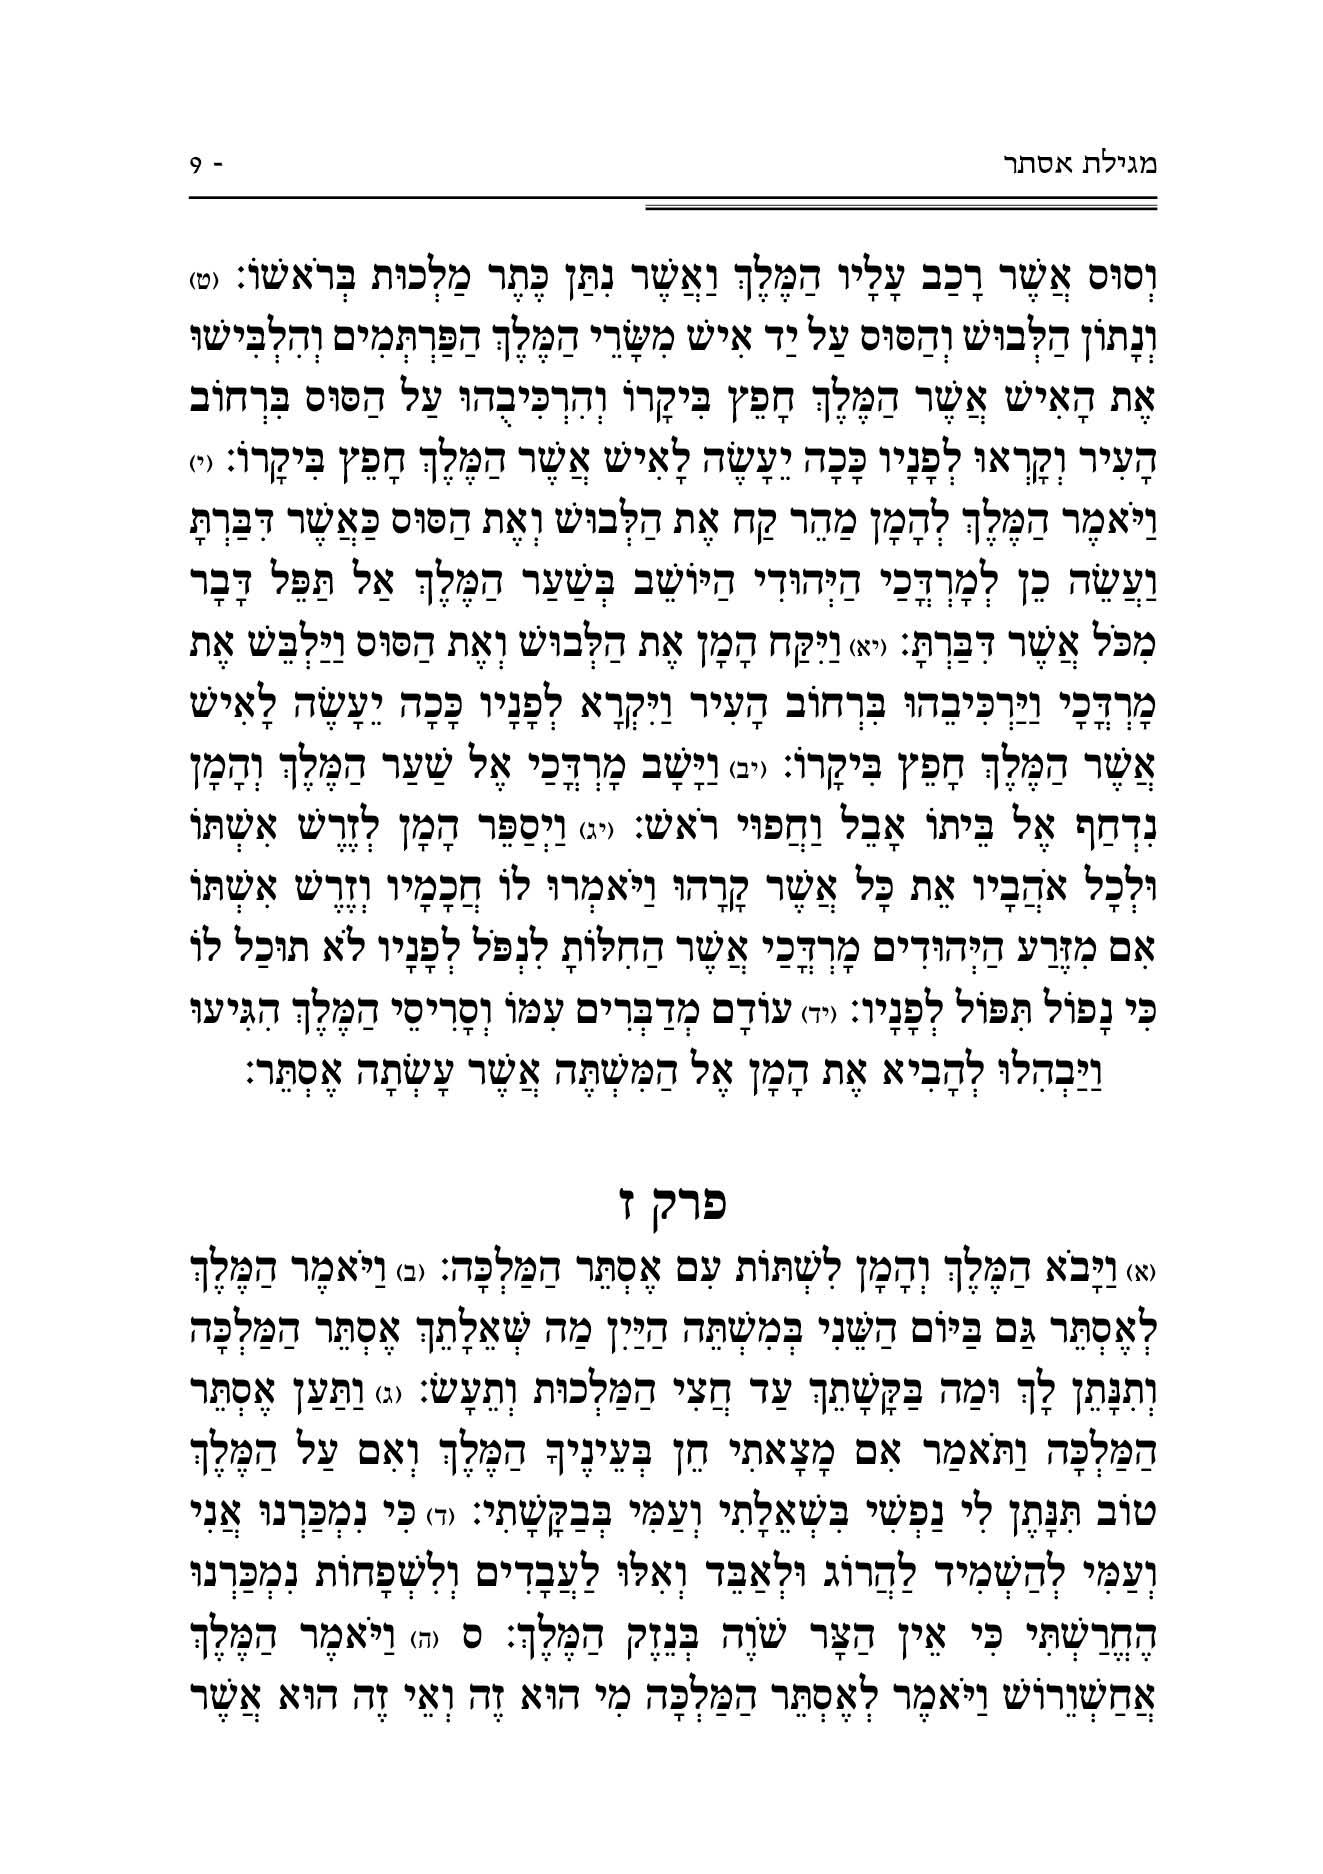 מגילת אסתר 9